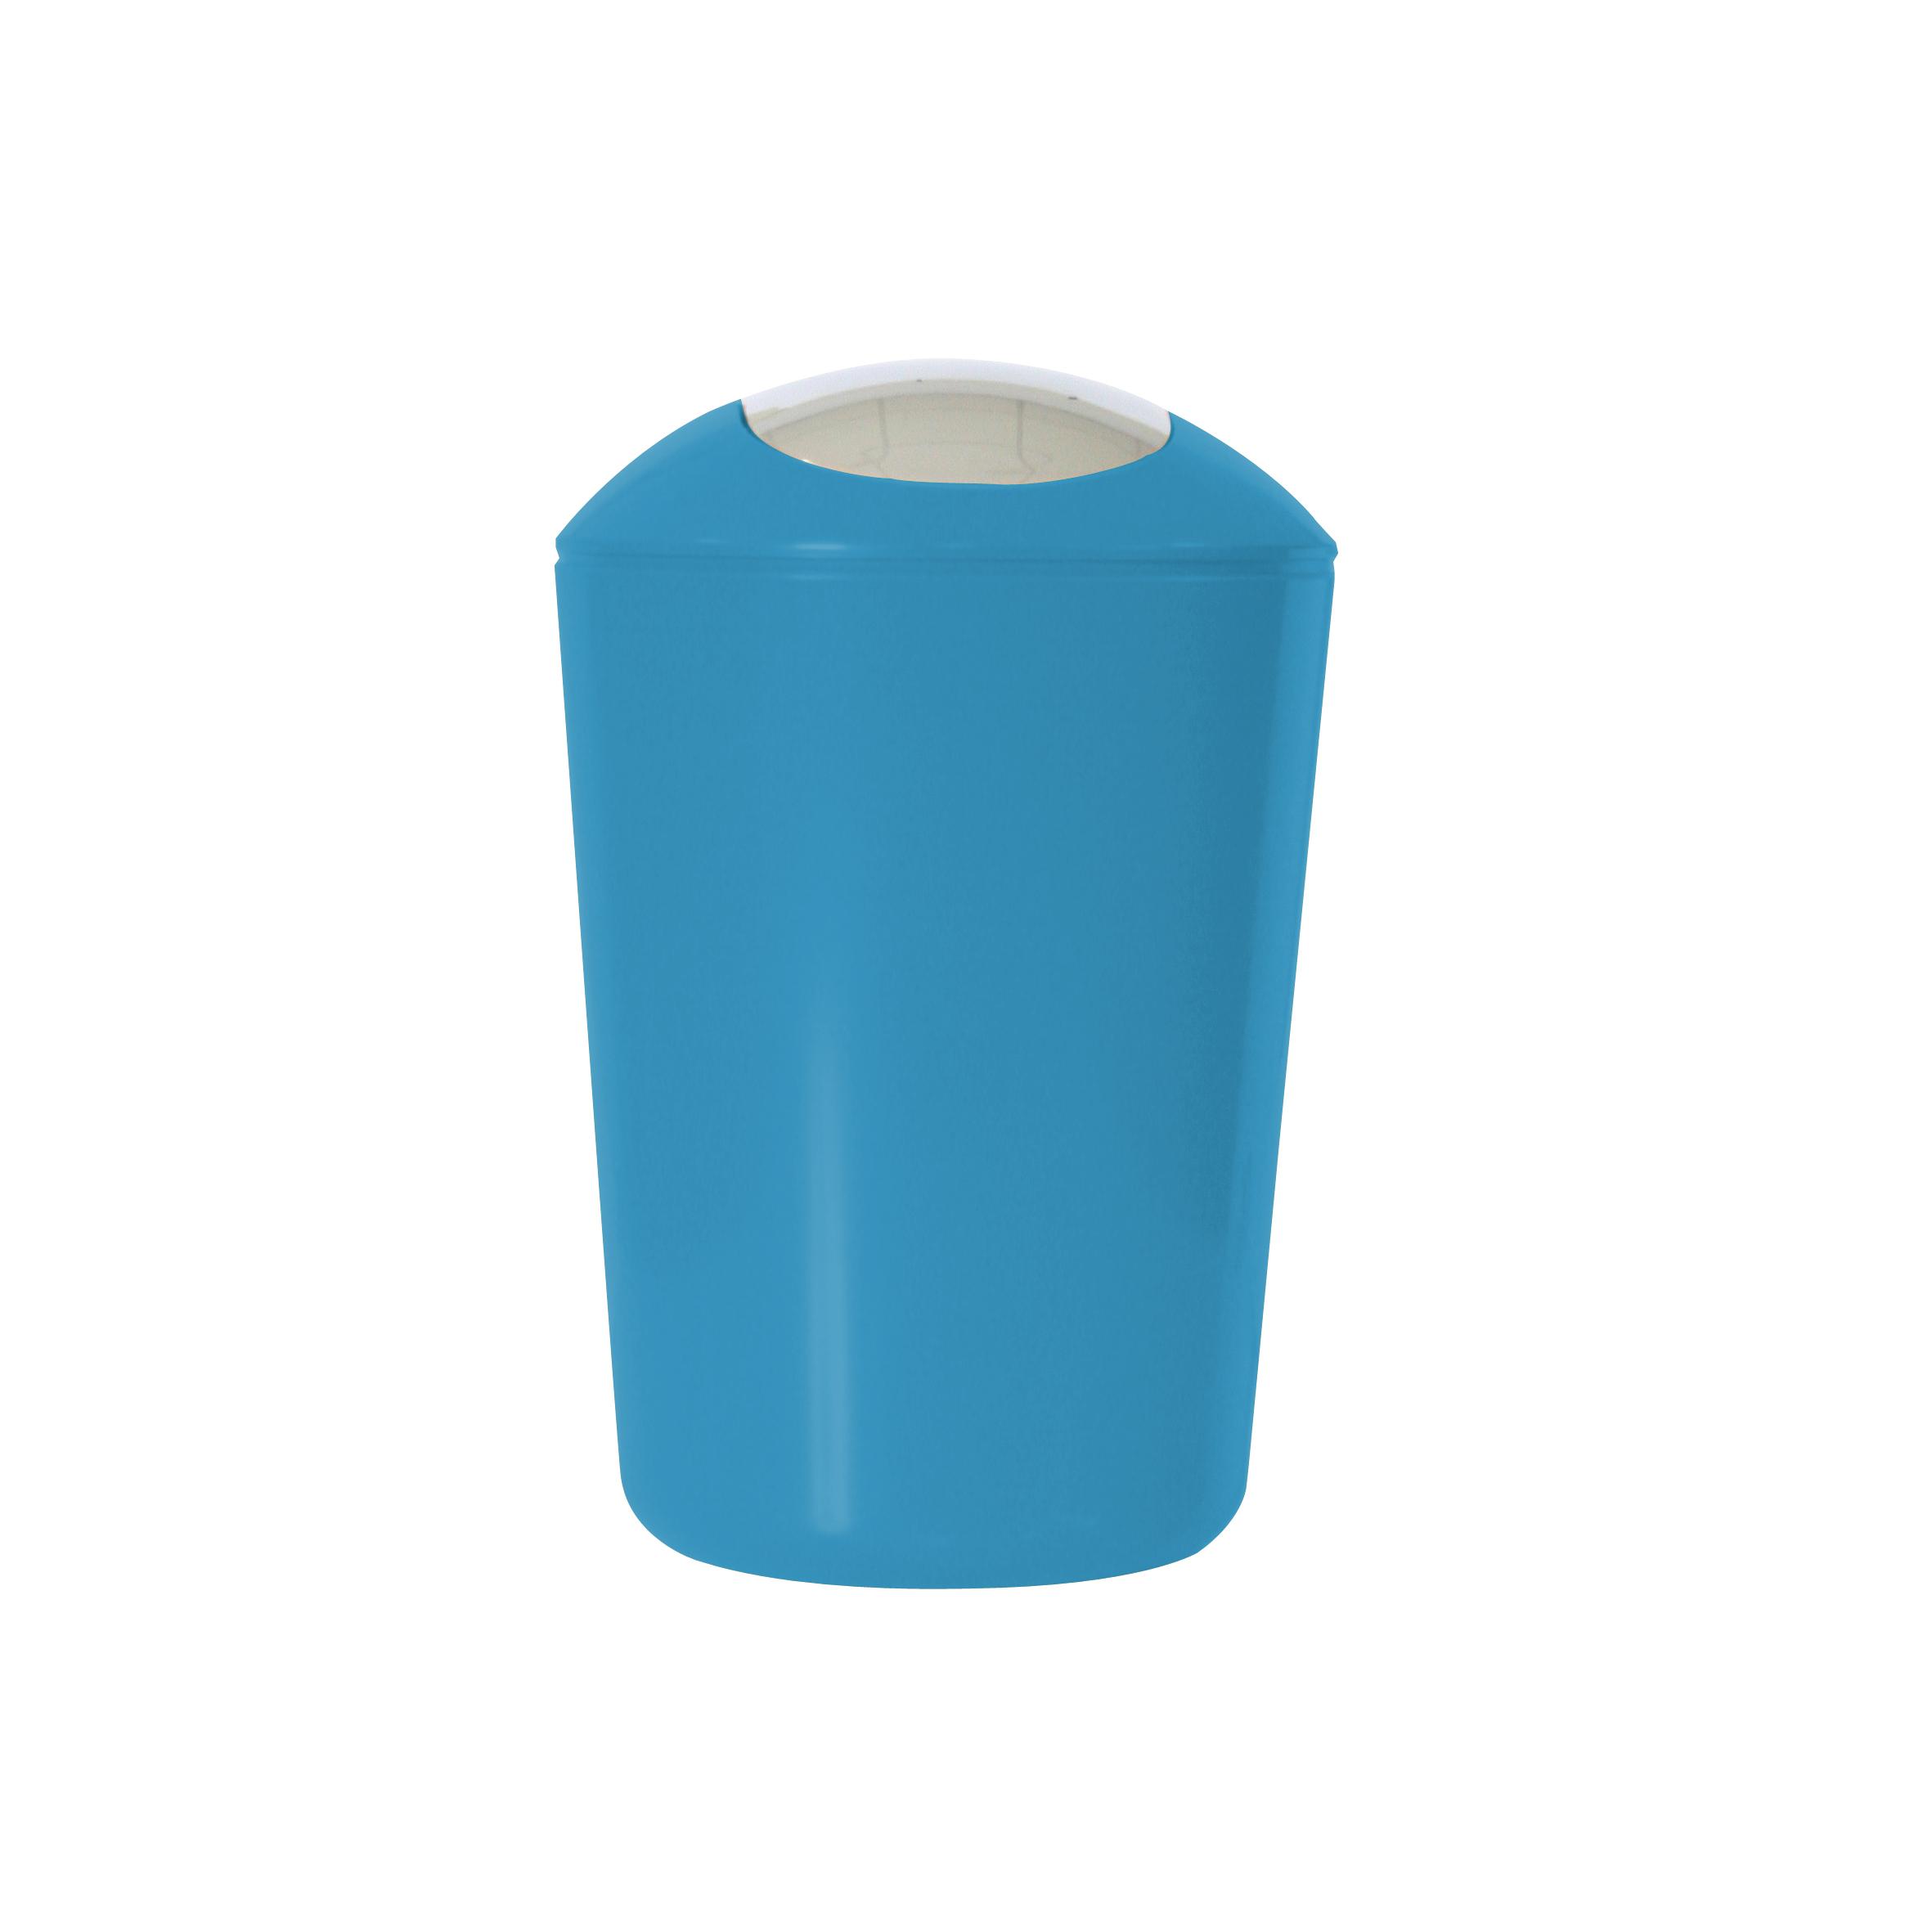 Ведро для мусора Axentia, с крышкой, цвет: синий, хром, 5 л10503Глянцевое ведро для мусора Axentia, выполненное из высококачественного износостойкого пластика, оснащено хромированную крышку типа «качели». Подходит для использования в ванной комнате или на кухне. Стильный дизайн и яркая расцветка прекрасно подойдет для любого интерьера ванной комнаты или кухни. Размер ведра: 20 х 20 х 30 см.Объем ведра: 5 л.